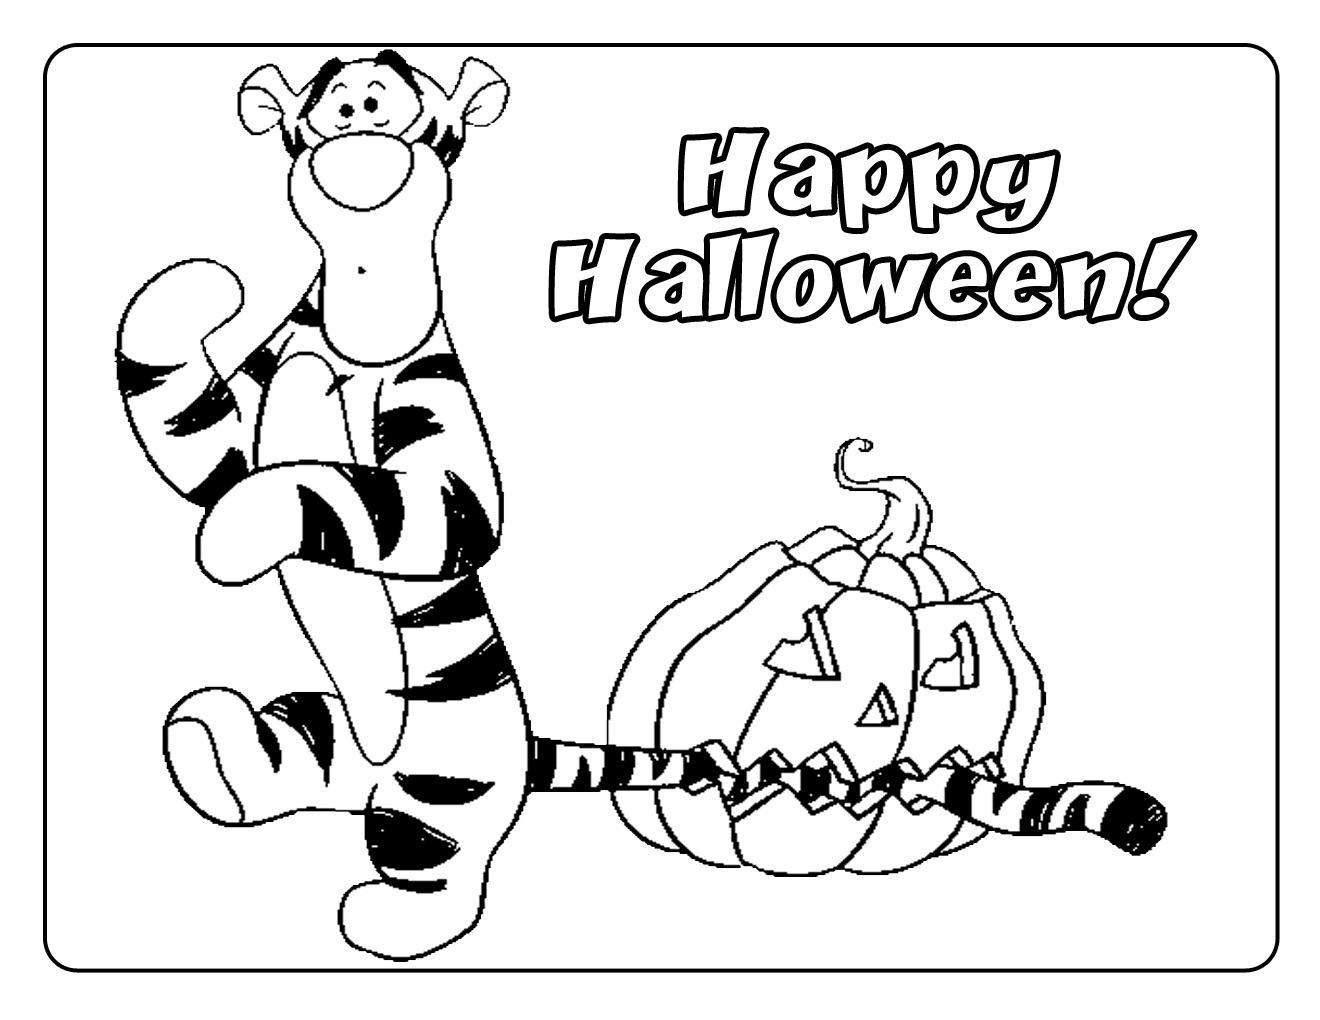 Милые и забавные обои на Хэллоуин для детей.